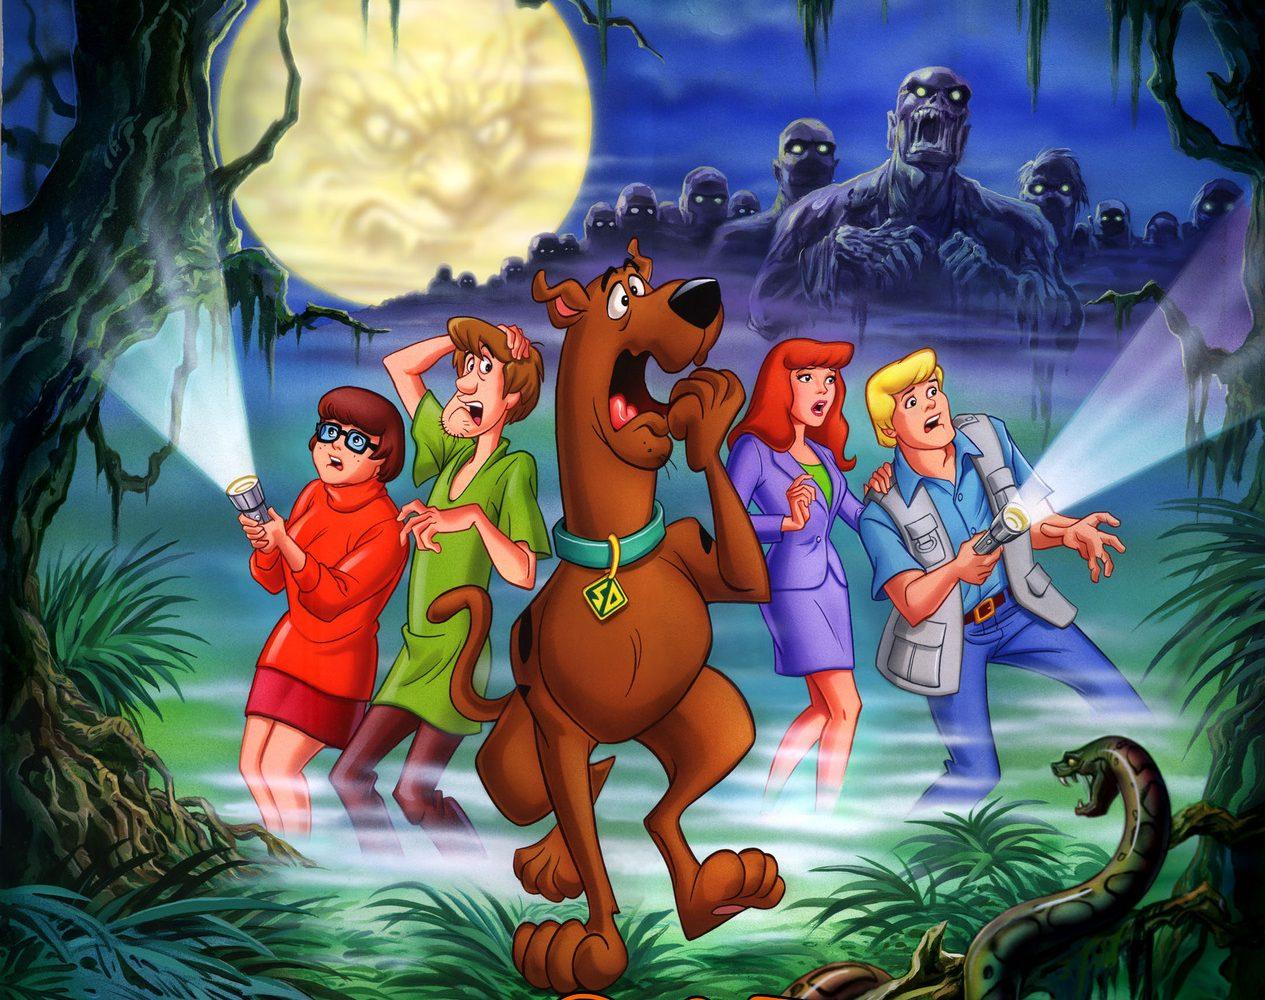 MV5BNzA1ZmMyYjUtMjMzOS00NGRmLTkzMzQtZmVmN2ExMWI1NjJiXkEyXkFqcGdeQXVyNjg1MDQzMzc@. V1 e1603813915851 10 Spooky Cartoons Designed To Give Kids Nightmares